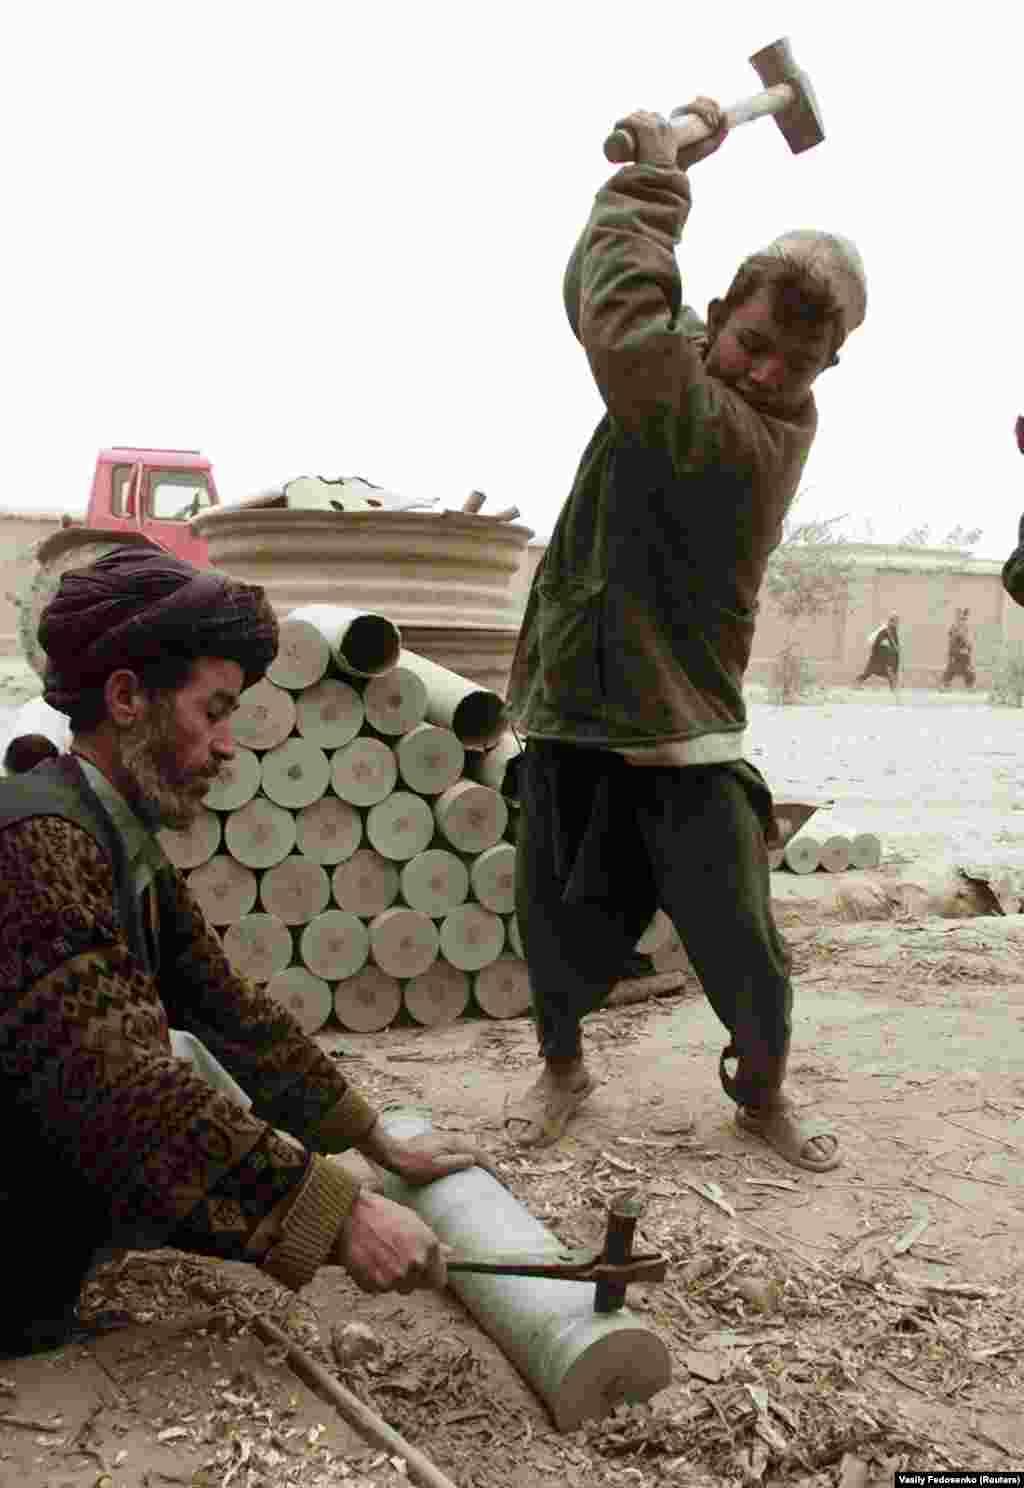 Bărbațidin nordul Afganistanului topesc vechile tuburi de obuzși le transformă în obiecte pentru casă. Deși războiul a încetat în cea mai mare parte a țării după ce talibanii au preluat controlul, aplicarea rigidă a legii islamice și a tradițiilor tribale a cauzat suferințe multor afgani obișnuiți.